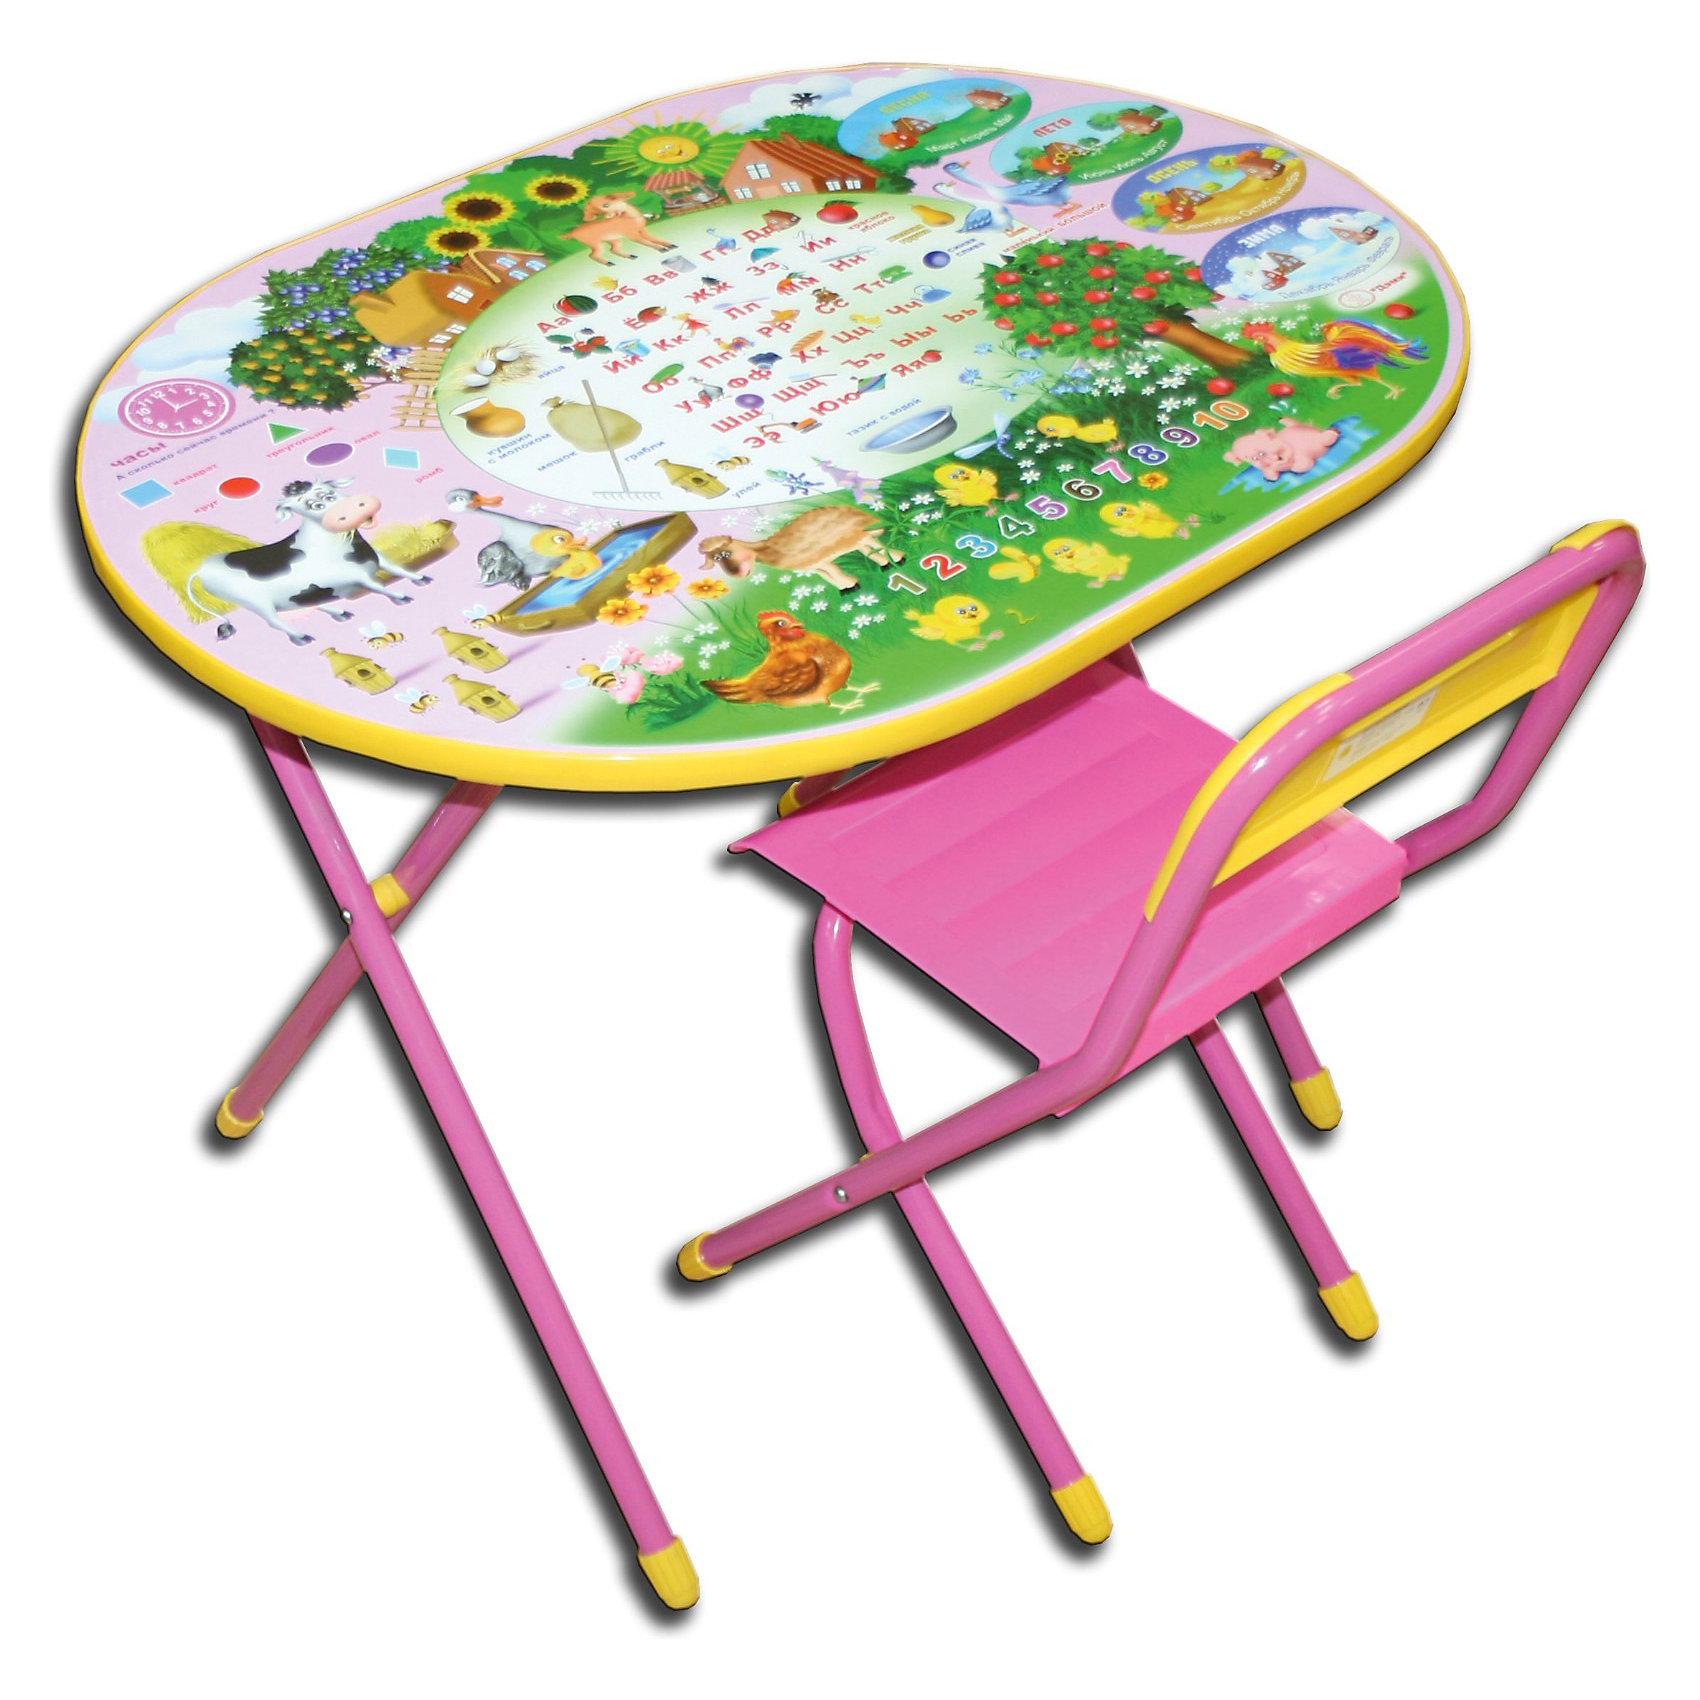 Набор мебели Веселая ферма (овал, 3-7 лет), Дэми, розовыйМебель<br>Набор предназначен для детей с 3 до 7 лет. Набор состоит из стола и стульчика, и идеально подходит для организации детских игр и занятий, как в дошкольных учреждениях, так и для домашнего использования. <br><br>Поверхность столешницы ламинированная, ее легко мыть и чистить. На столешницу нанесен яркий, красивый обучающий рисунок, позволяющий Вашему ребенку познакомиться с миром букв и цифр. После занятий при необходимости его можно сложить и убрать, что позволяет использовать его даже в малогабаритных помещениях. <br>Овальный стол - очень красивый, качественный, современный и прежде всего безопасный для ребенка (отсутствие углов), с новыми картинками на столешнице, имеет большую рабочую поверхность, подходит для использования двумя детьми!<br><br>Дополнительная информация:<br><br>- Предназначена для детей ростом 130-145 см<br>- Допустимая нагрузка на сиденье - не более 30 кг.<br>- Размеры столешницы - 450x600 мм.<br>- Высота до плоскости столешницы овал - 580 мм.<br>- Высота по сиденью овал - 340 мм.<br>- Высота верхнего края спинки овал - 265 мм.<br><br>Школьную парту со стулом Ферма ДЭМИ (цвет: розовый, форма: овал) можно купить в нашем магазине.<br><br>Ширина мм: 150<br>Глубина мм: 800<br>Высота мм: 800<br>Вес г: 10000<br>Возраст от месяцев: 36<br>Возраст до месяцев: 84<br>Пол: Женский<br>Возраст: Детский<br>SKU: 3247884